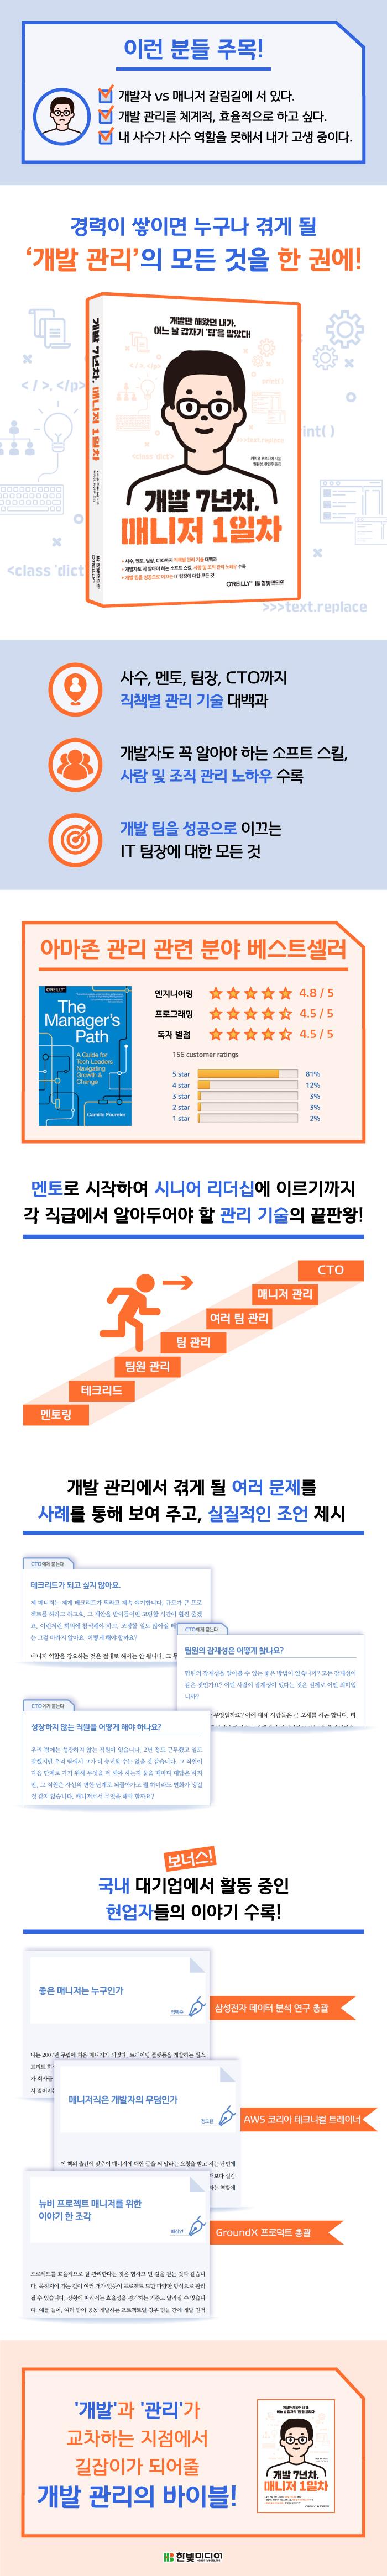 (한빛미디어) 개발 7년차, 매니저 1일차_상세이미지(700px).jpg